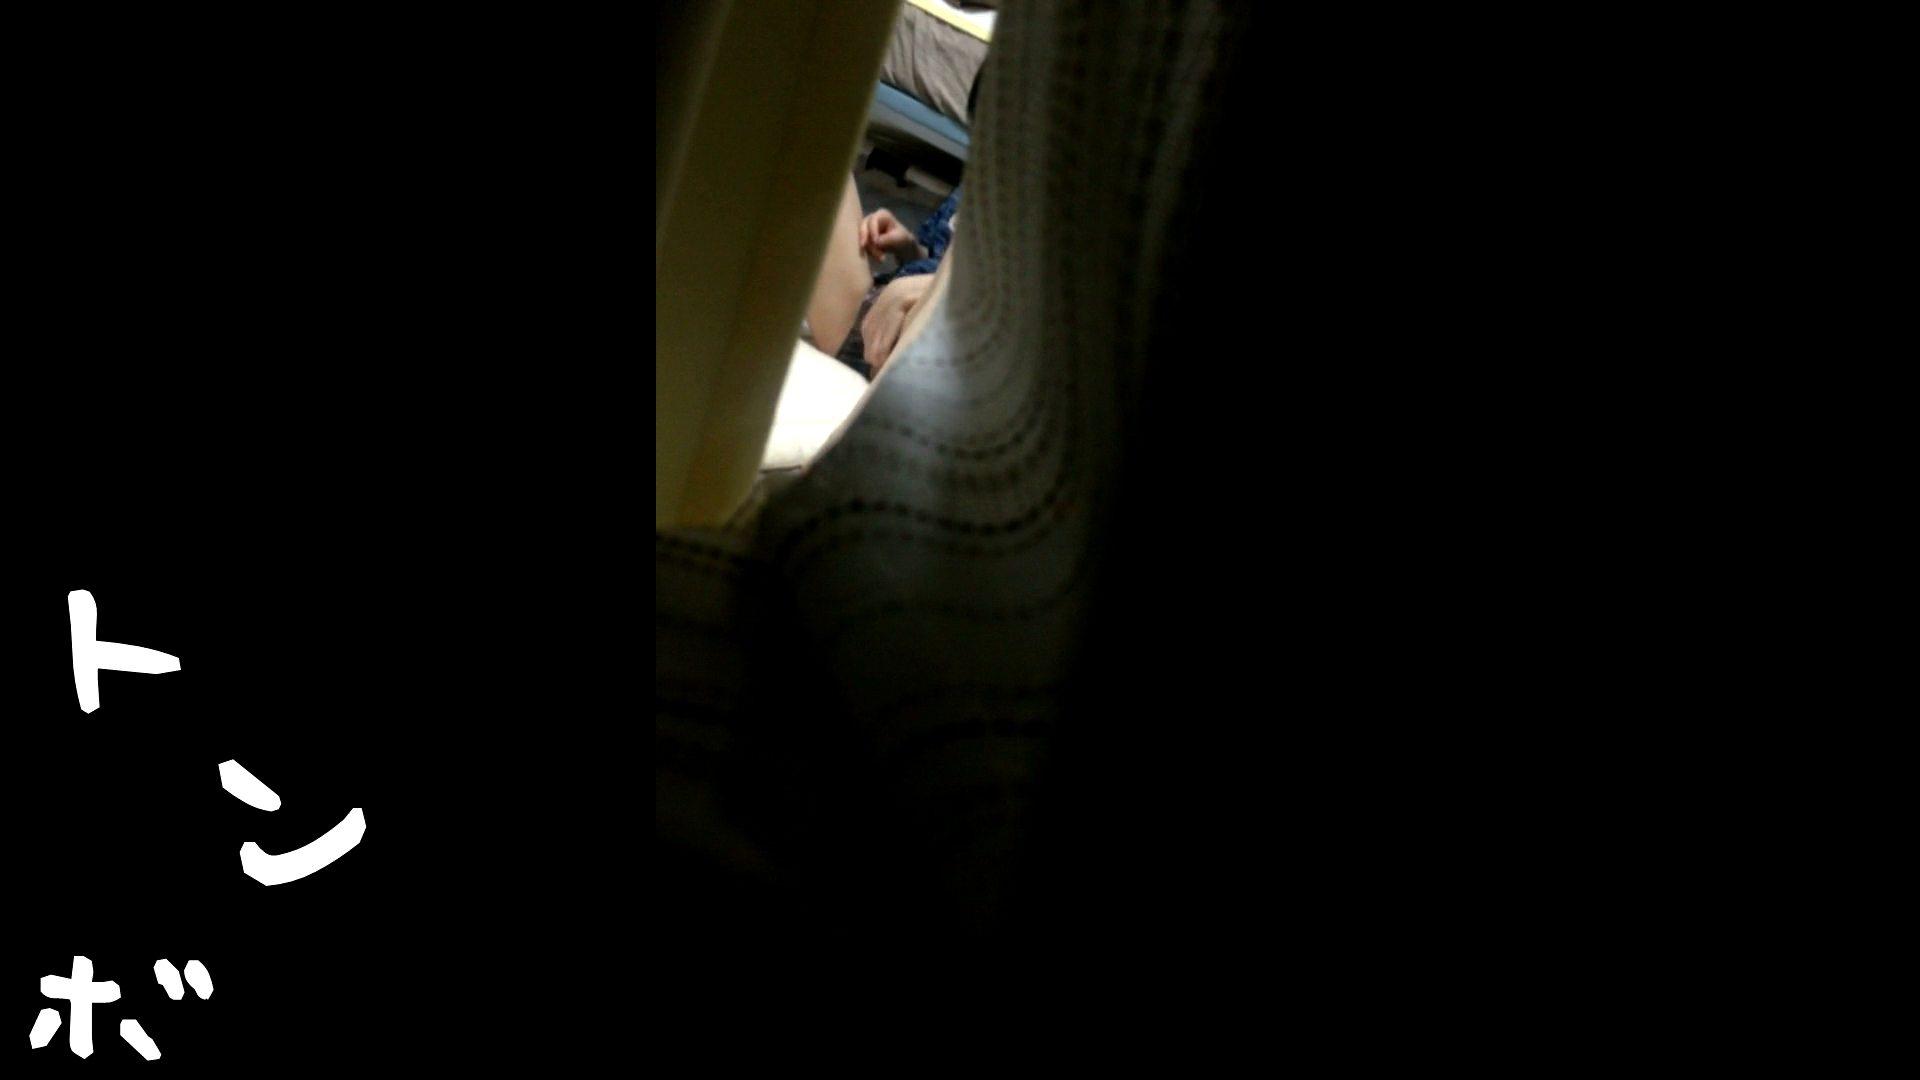 リアル盗撮 作家志望J子 アソコのお手入れ最中に感じてパンツを湿らす 高画質 盗撮画像 29連発 20